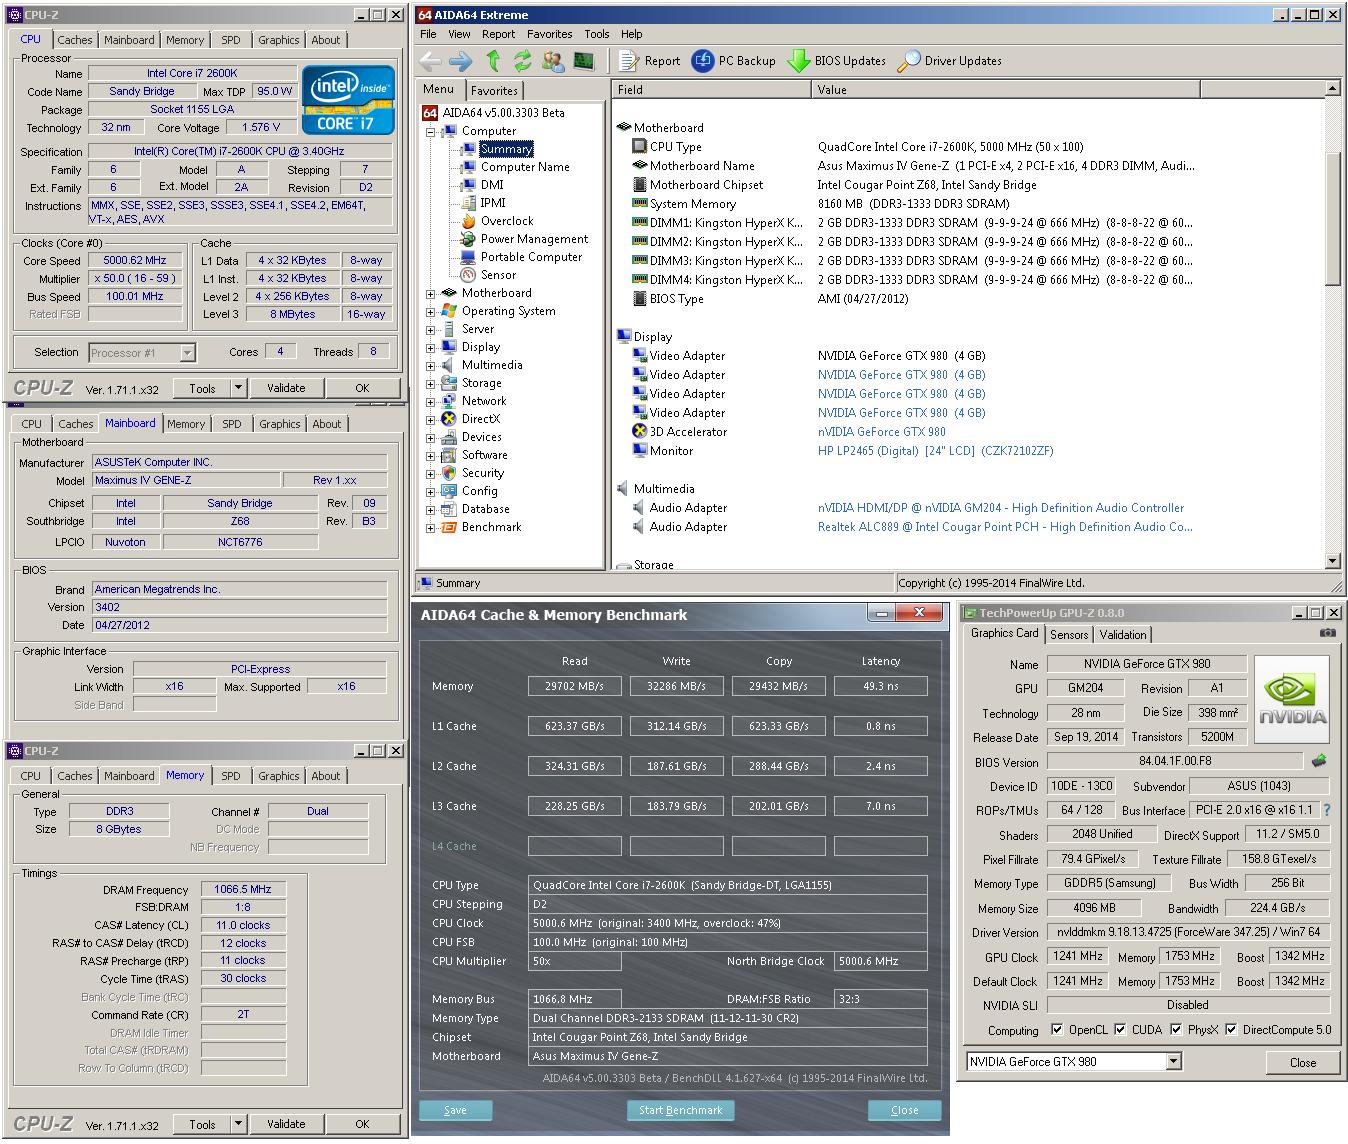 GeForce GTX 980 ROG Matrix